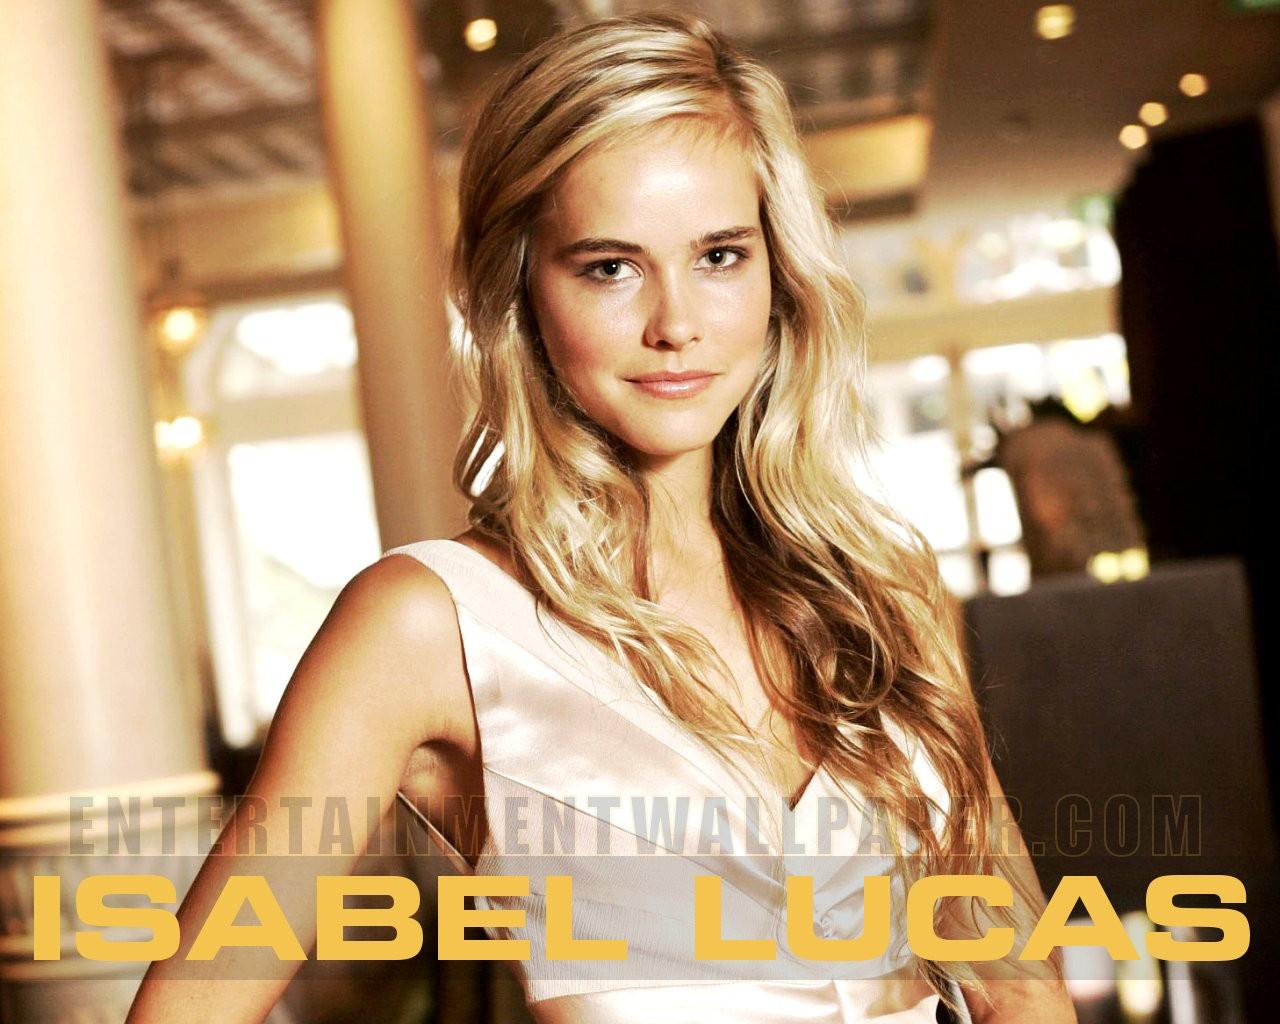 1280x1024px Isabel Lucas Wallpaper